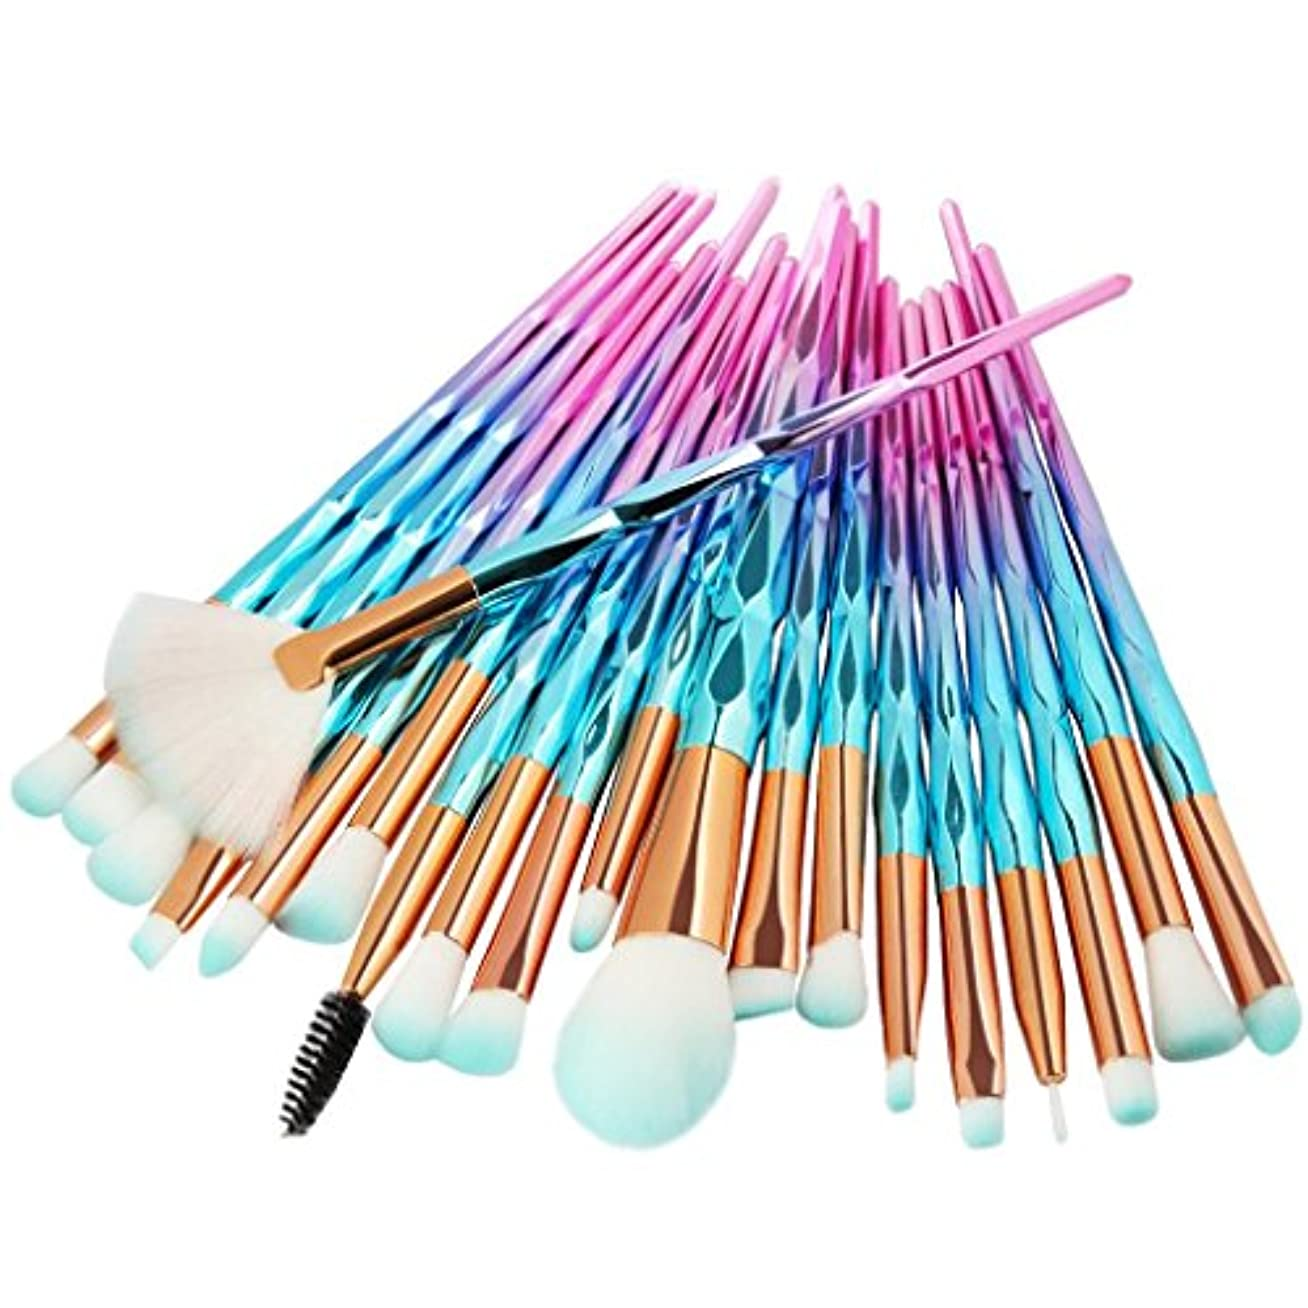 ローストけがをする遺跡Feteso メイクブラシ メイクブラシセット 多色 20 本セット 人気 化粧ブラシ ふわふわ 敏感肌適用 メイク道具 プレゼント アイシャドウ アイライナー Makeup Brushes Set